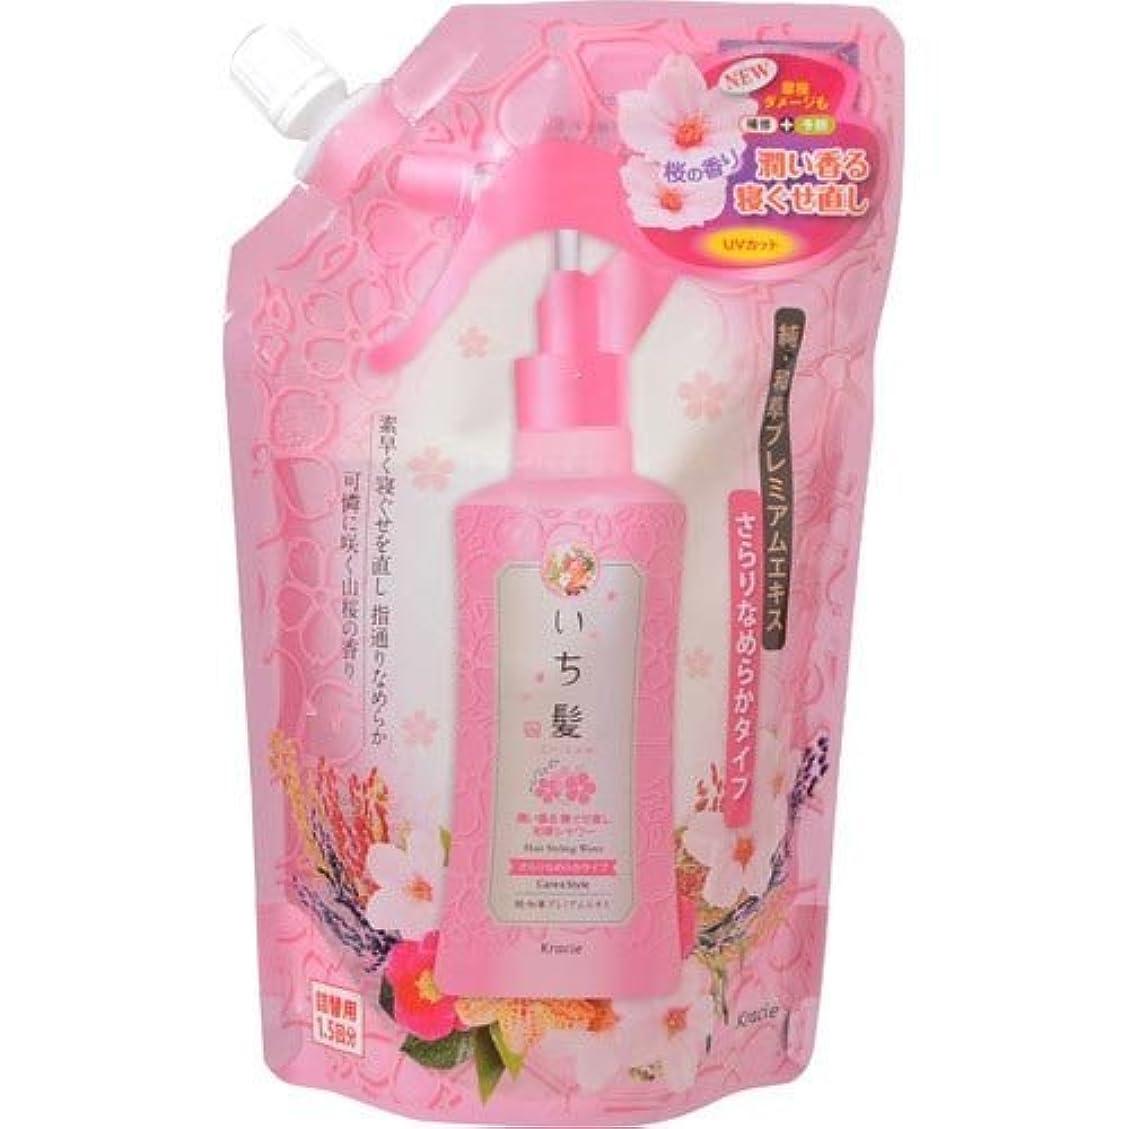 阻害するいくつかの洞察力のあるいち髪 潤い香る寝ぐせ直し和草シャワー さらりなめらかタイプ 詰替用 375mL